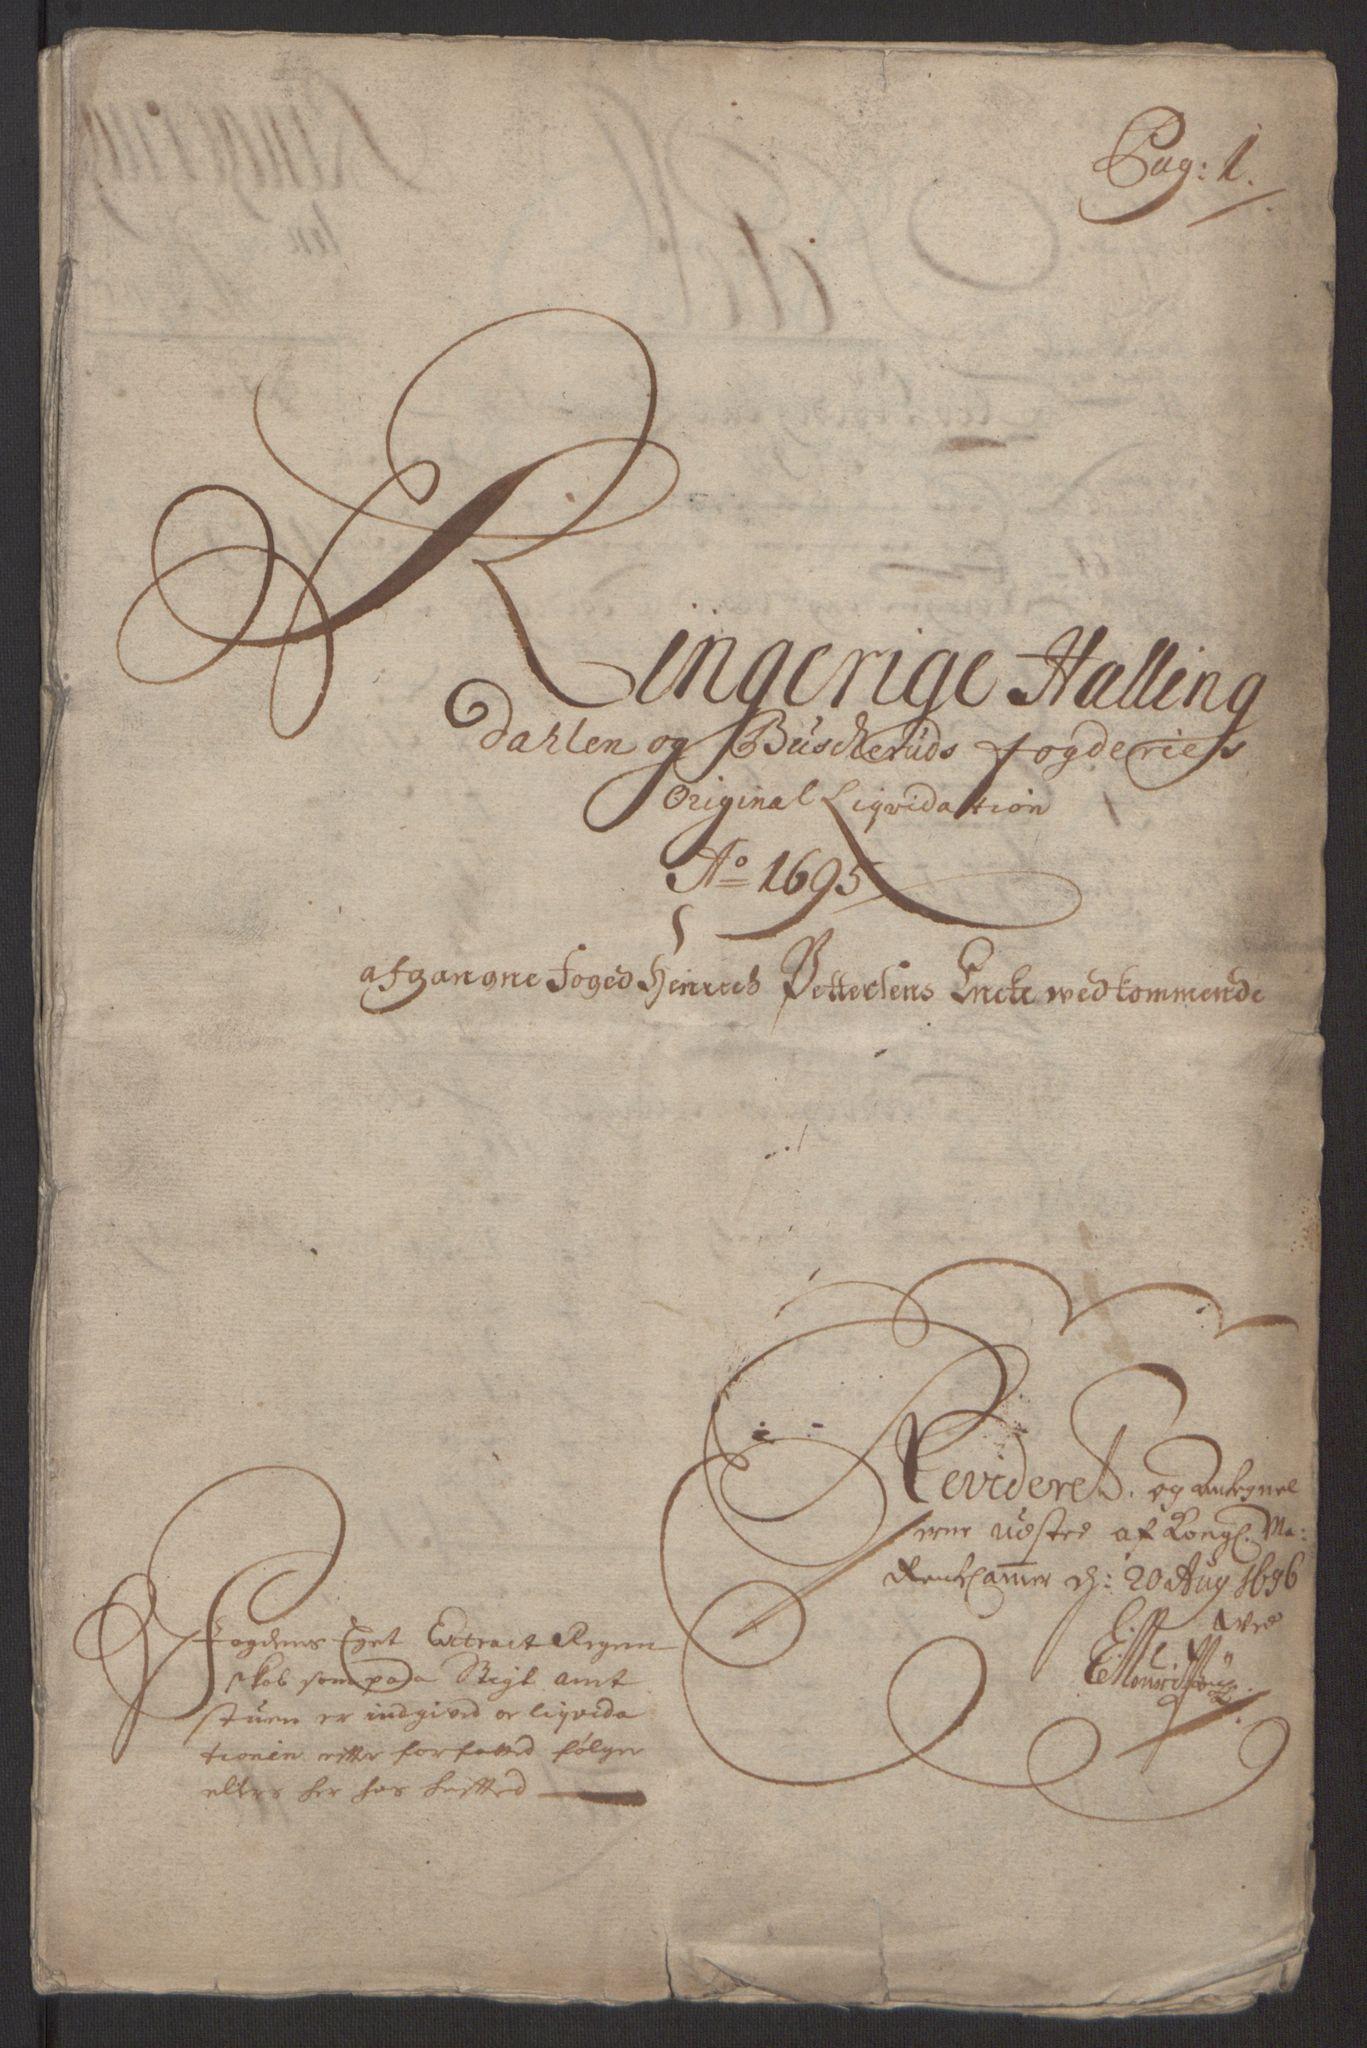 RA, Rentekammeret inntil 1814, Reviderte regnskaper, Fogderegnskap, R22/L1452: Fogderegnskap Ringerike, Hallingdal og Buskerud, 1695, s. 5